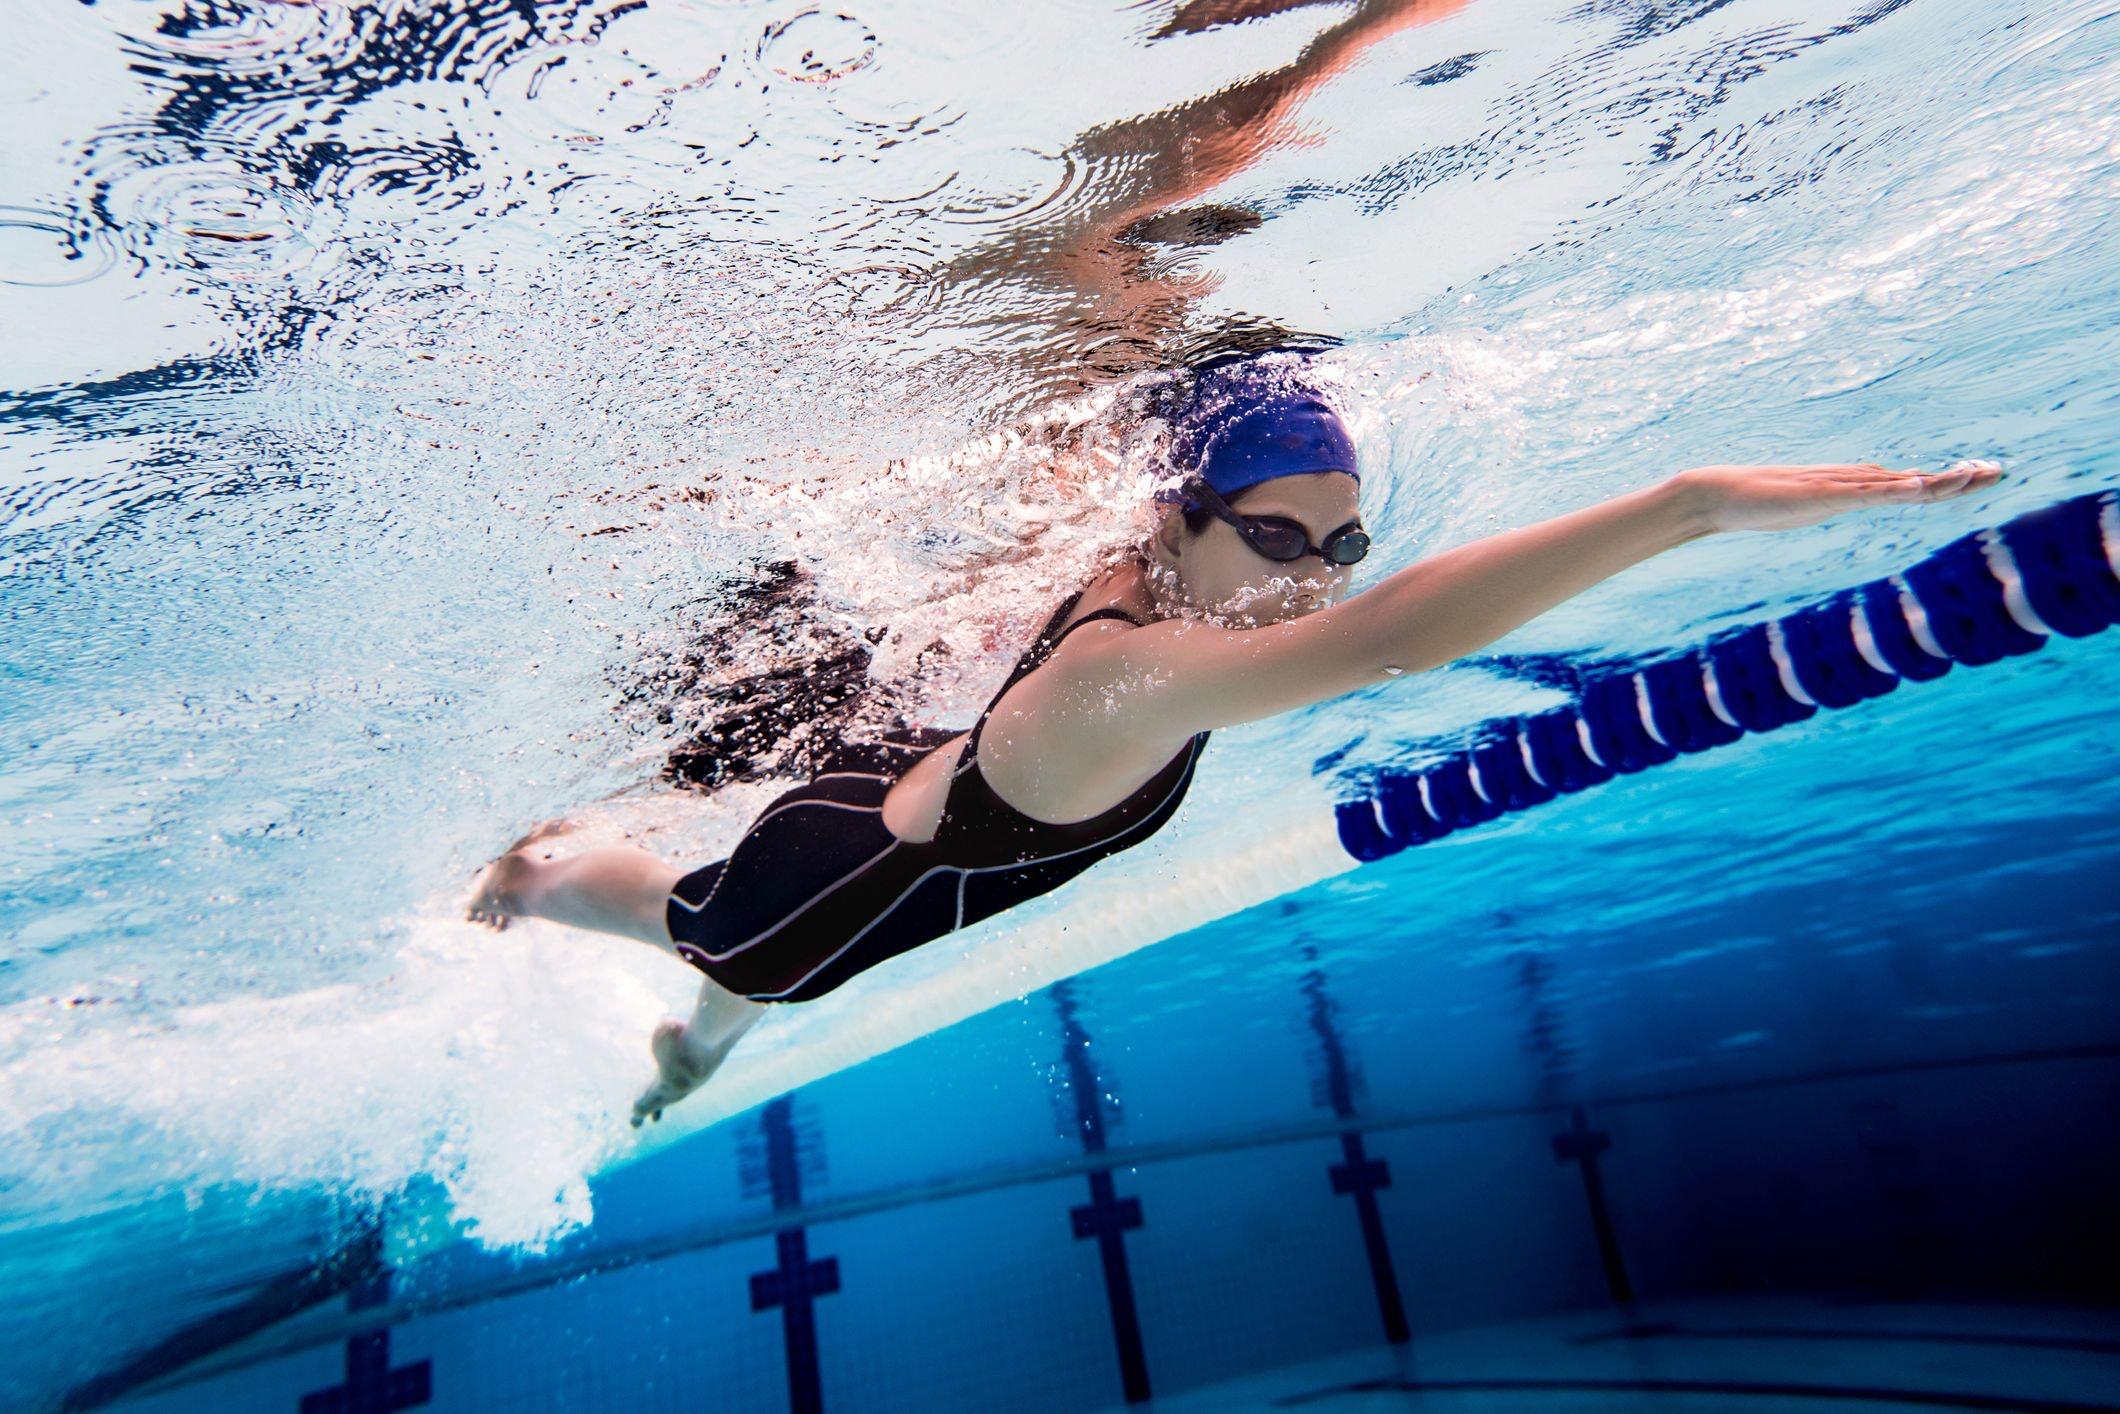 Tập luyện bơi lội là hình thức vận động cơ thể hoàn hảo nhất